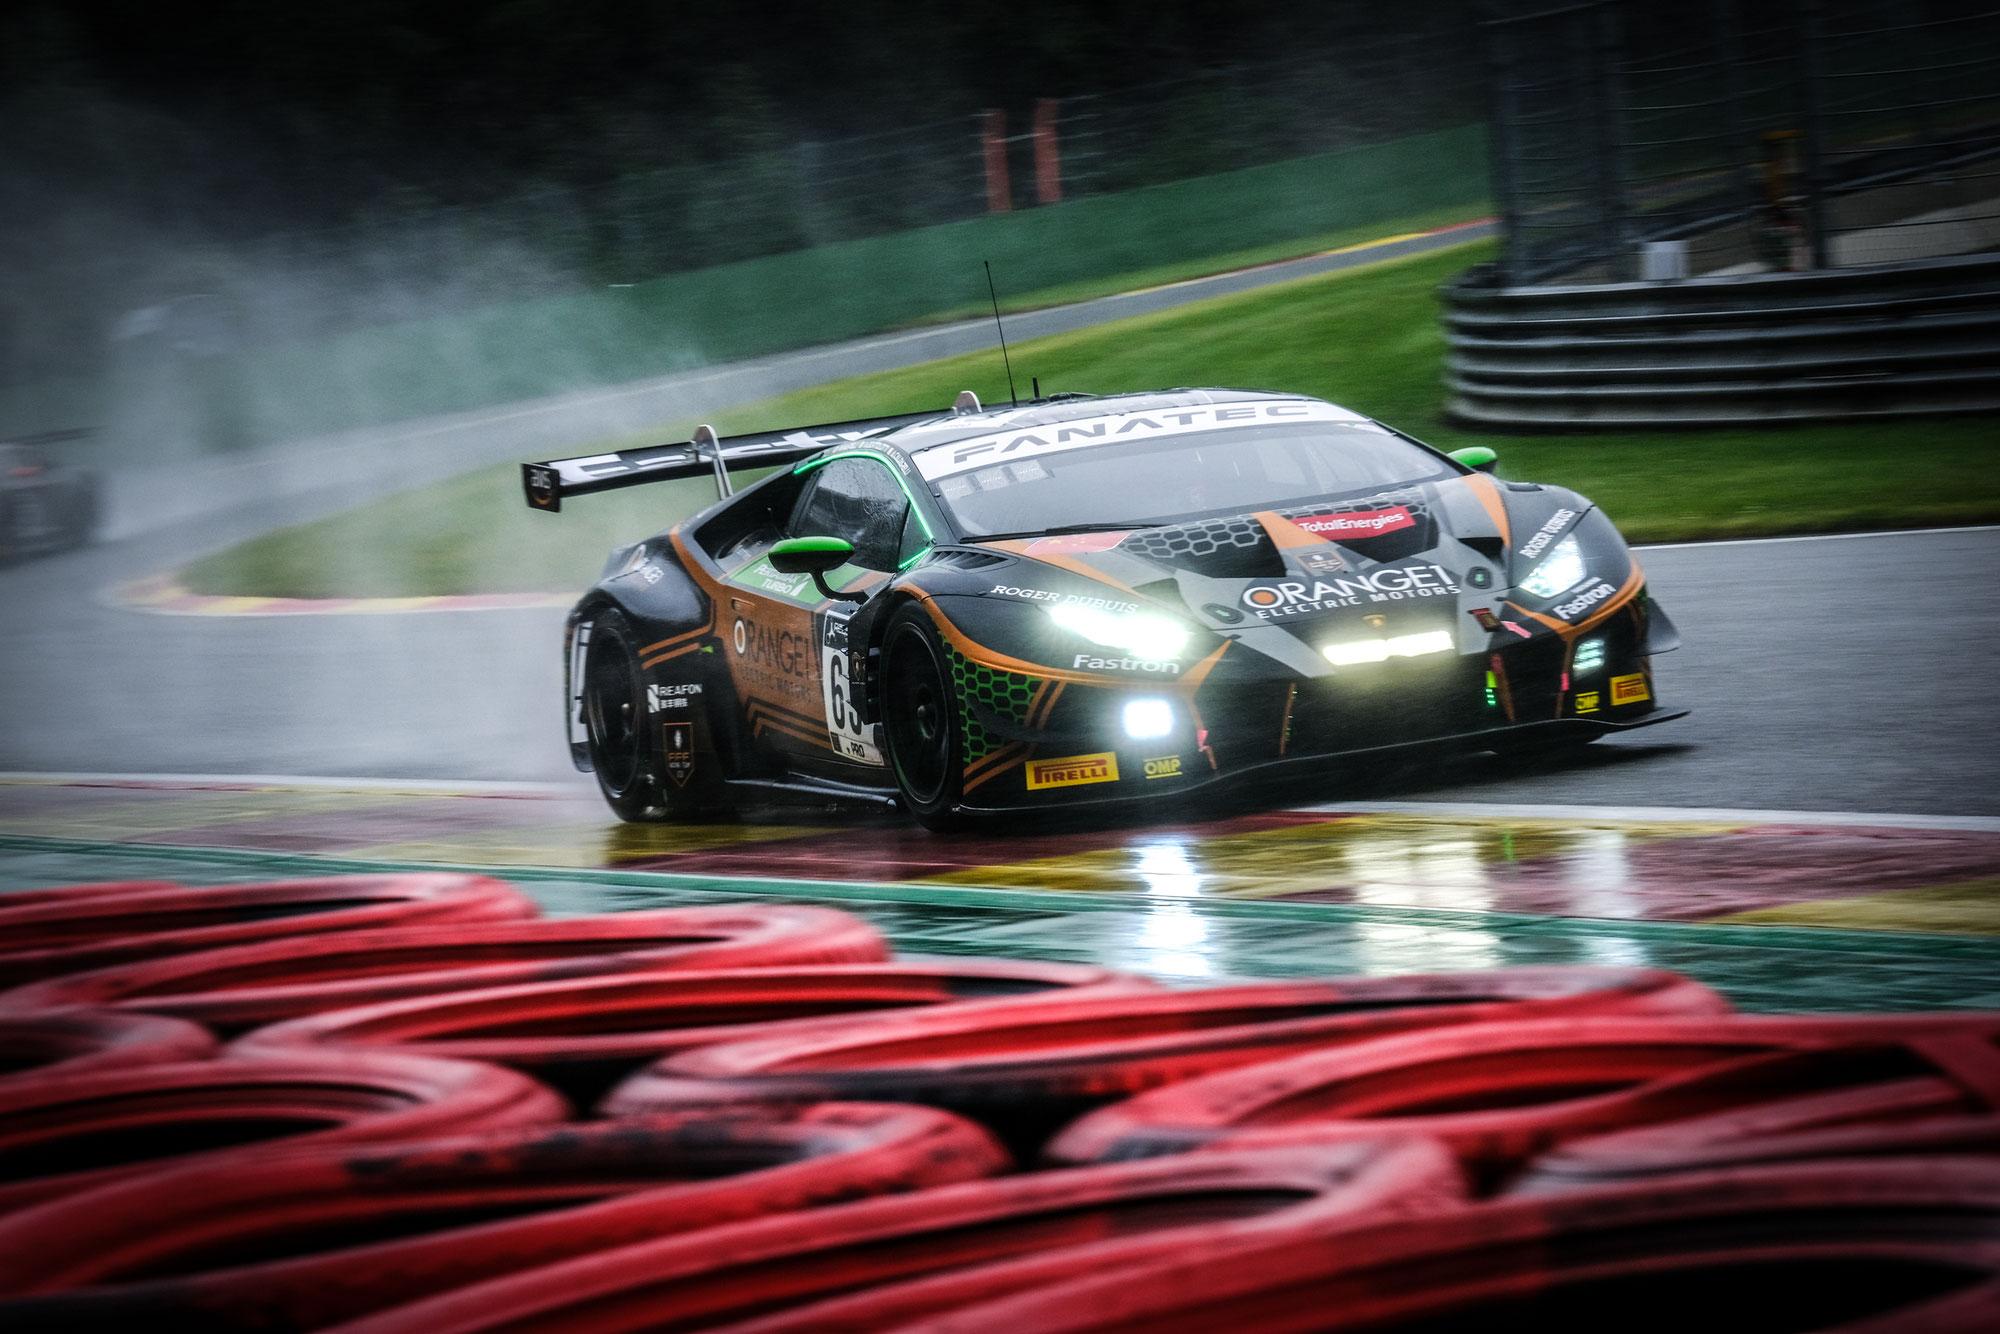 ORANGE 1 FFF RACING TEAM VERSTÄRKT SEIN AUFGEBOT FÜR DIE 24 STUNDEN VON SPA 2021